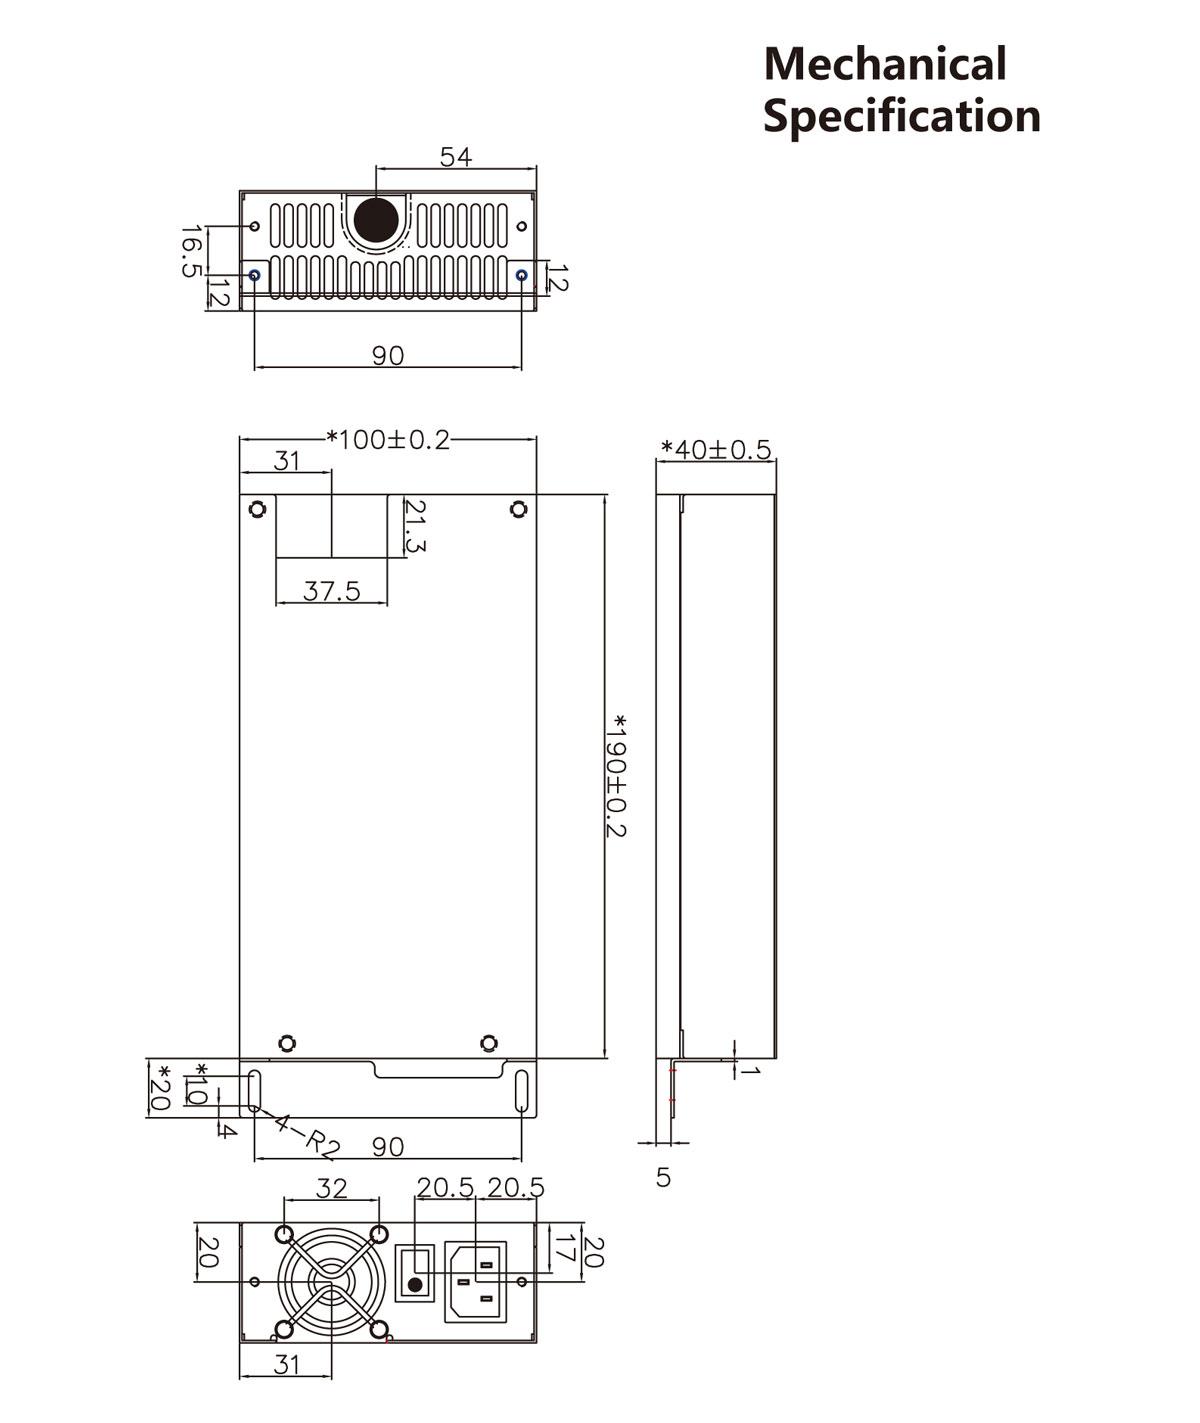 12-15 HK353-11UEP